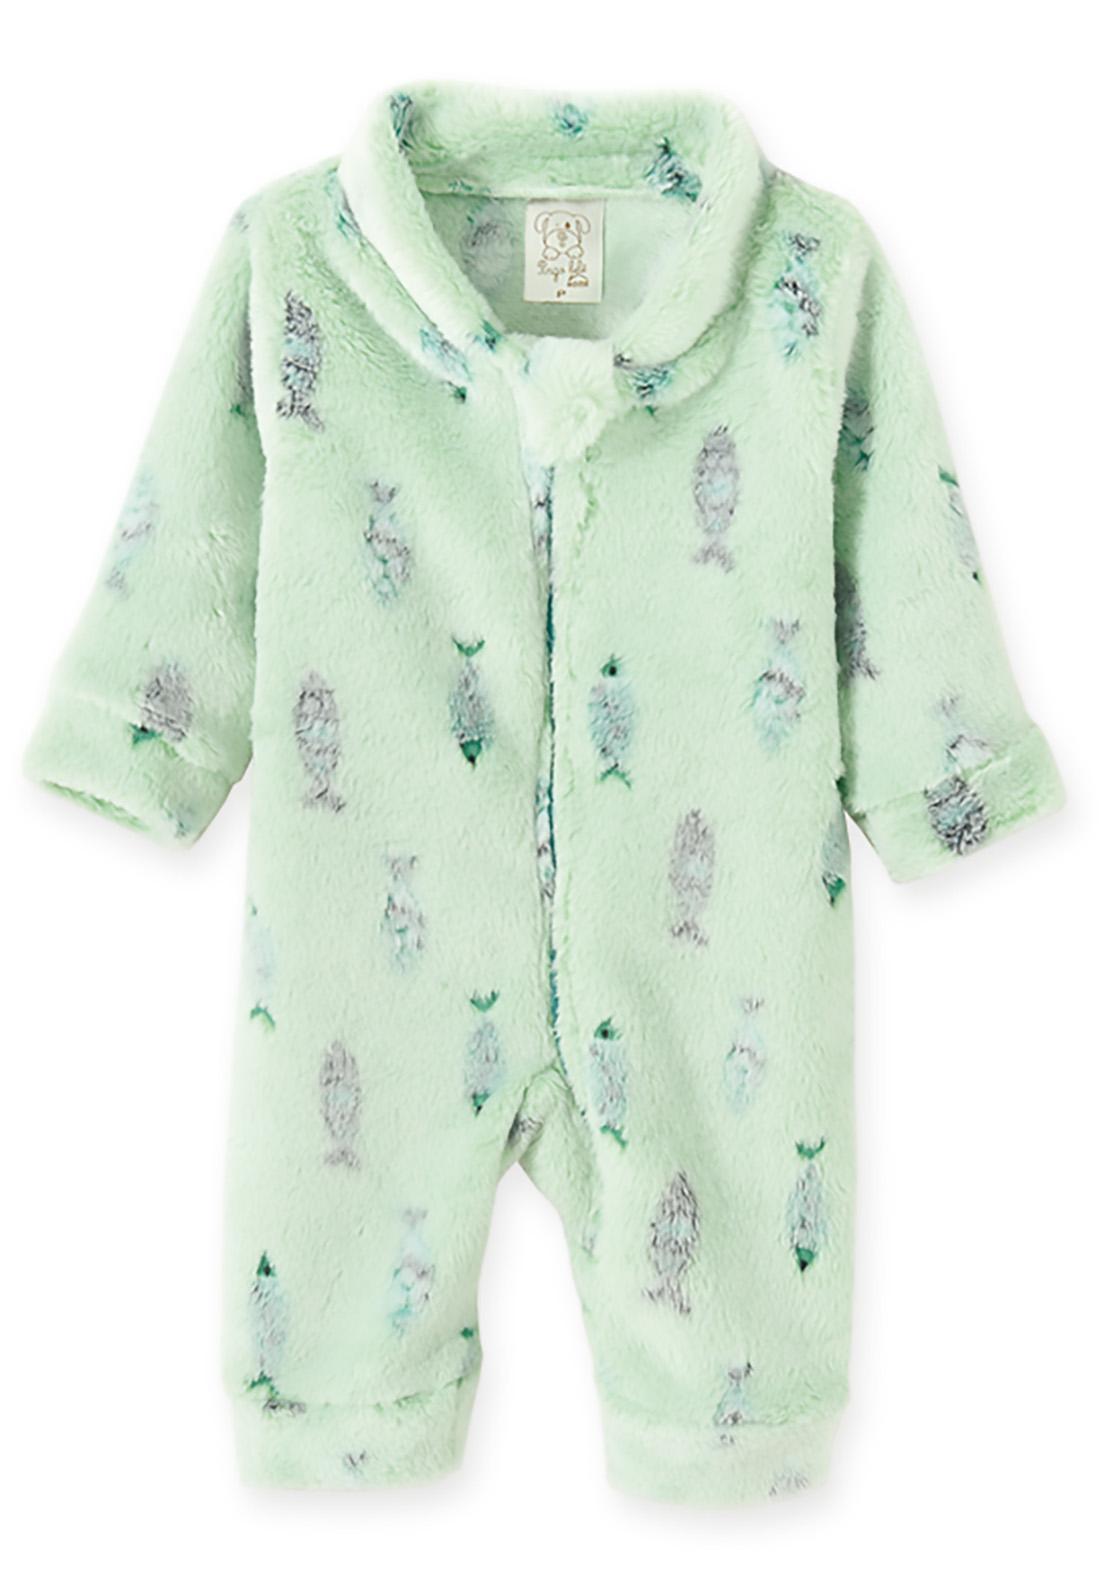 Macacão Pijama Bebê e Infantil Fleece Pingo Lelê  Peixe Verde